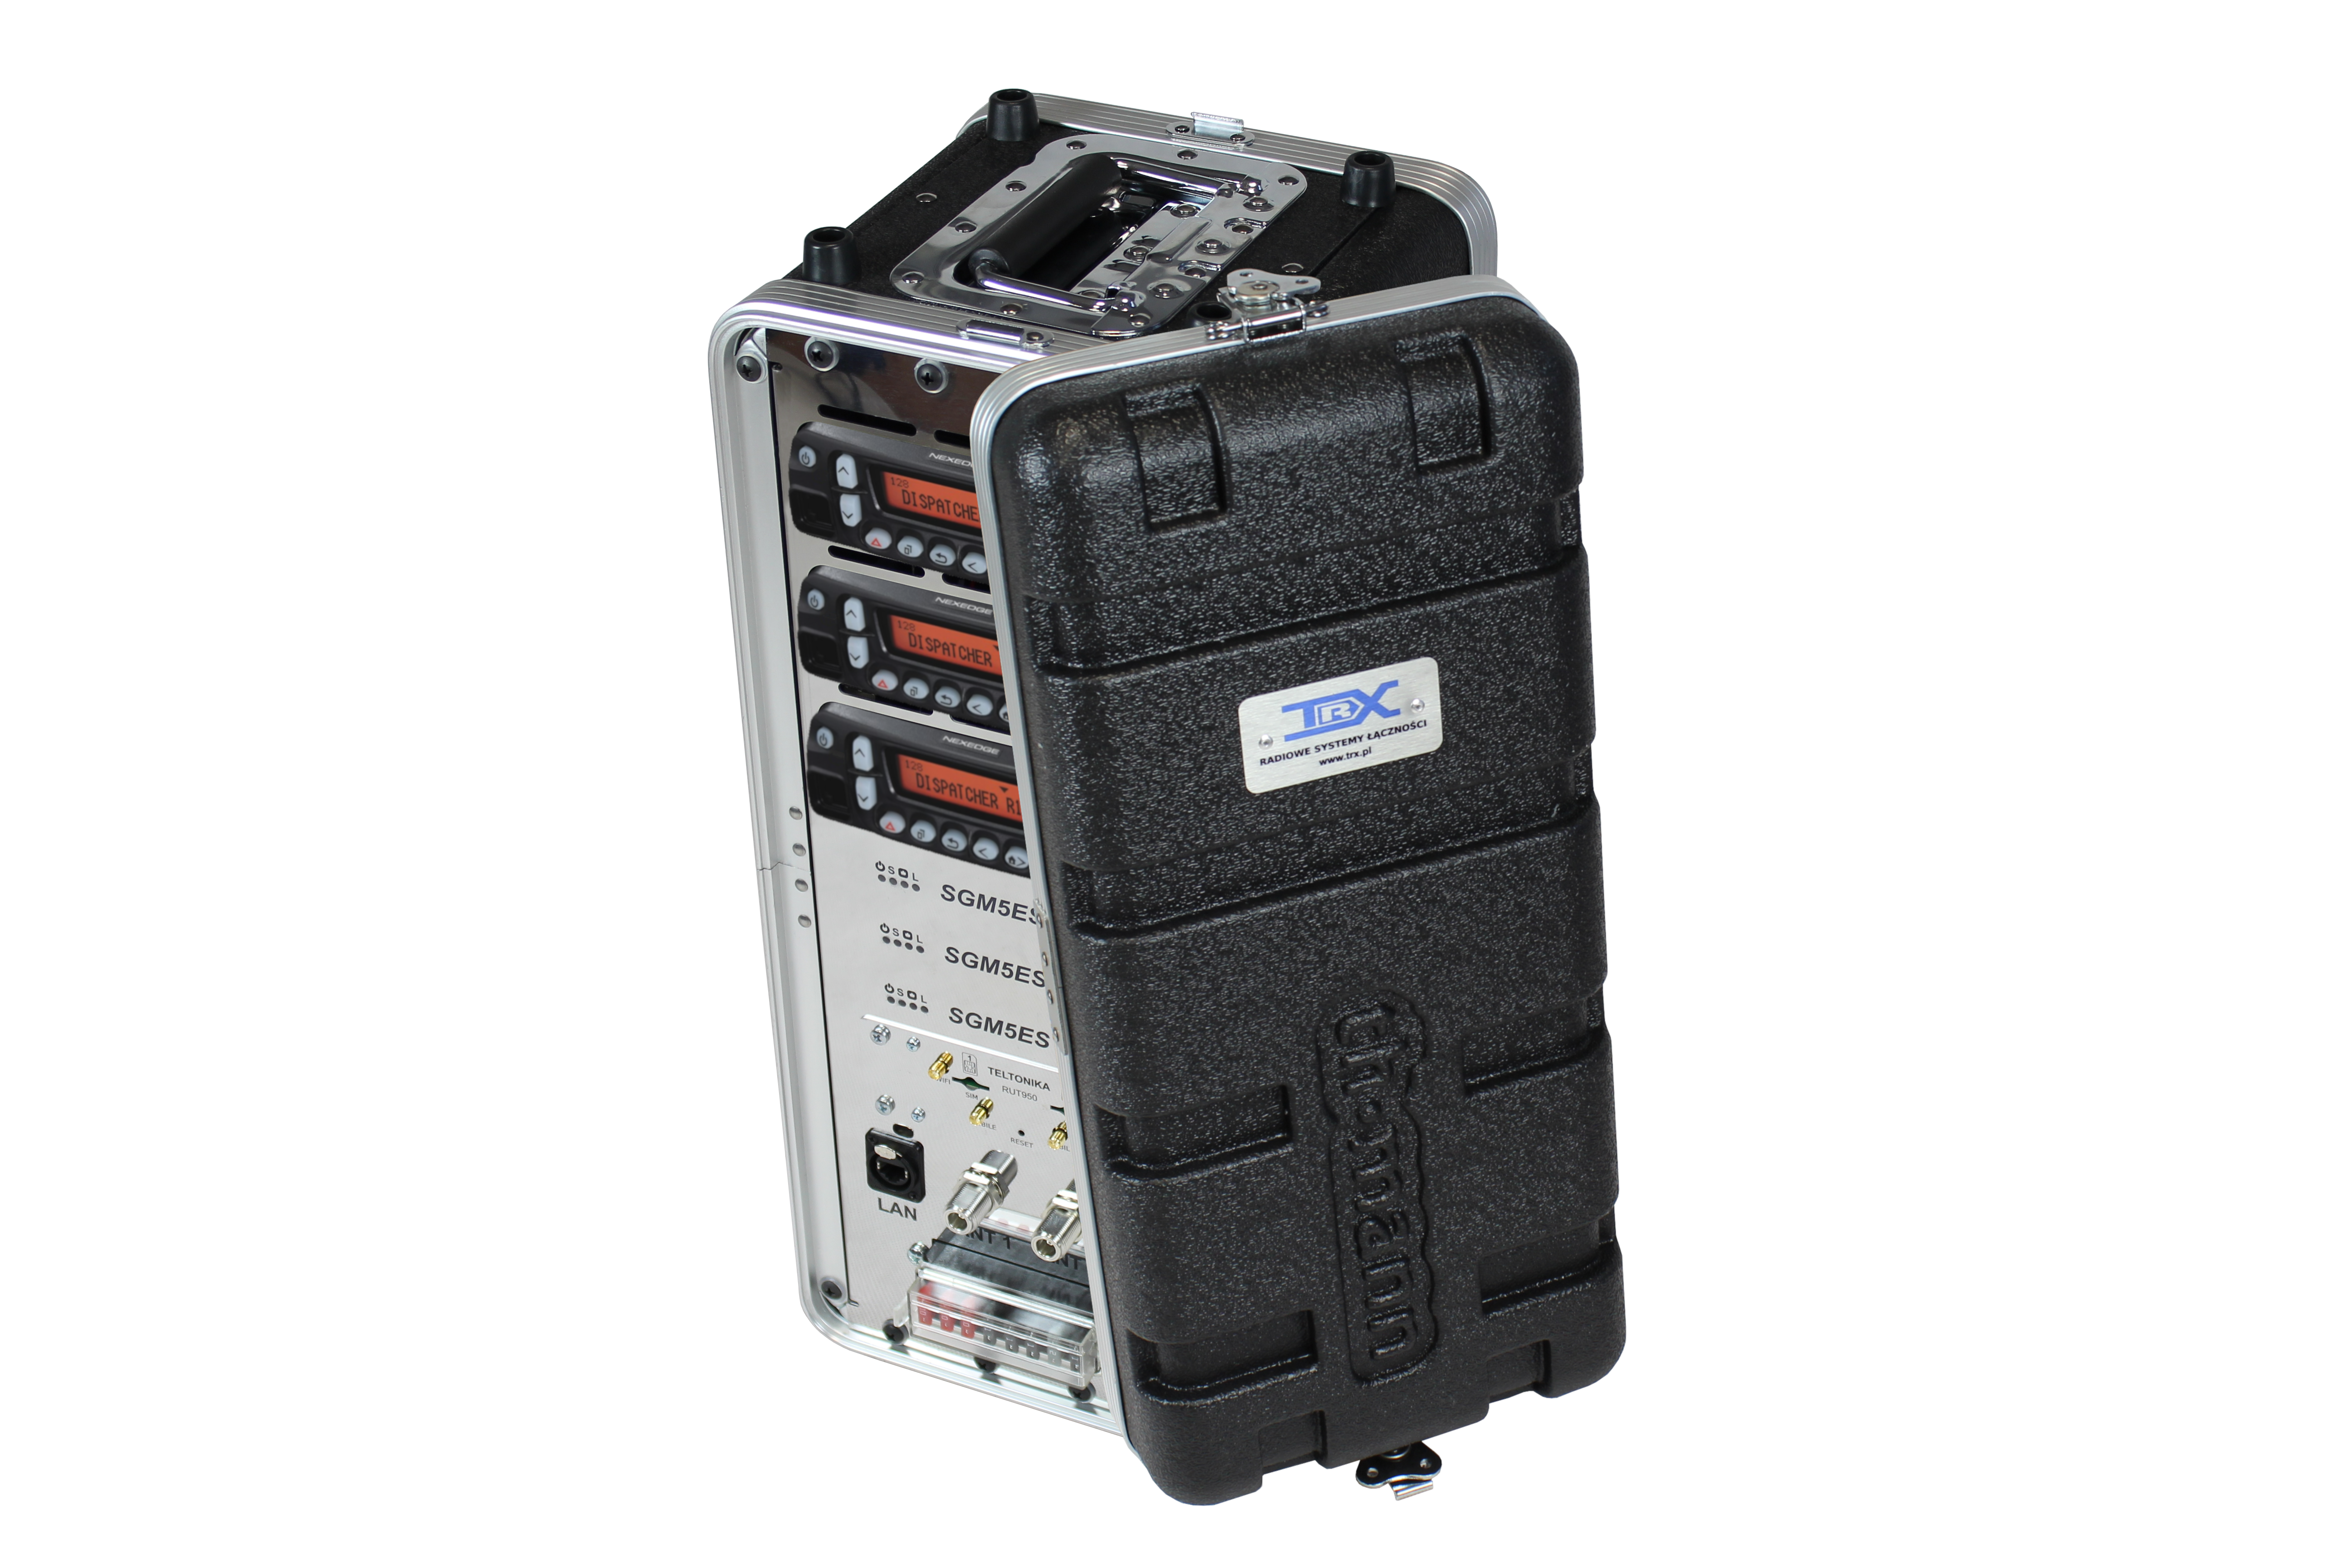 Zestaw 3-radiowy mobilny TRX